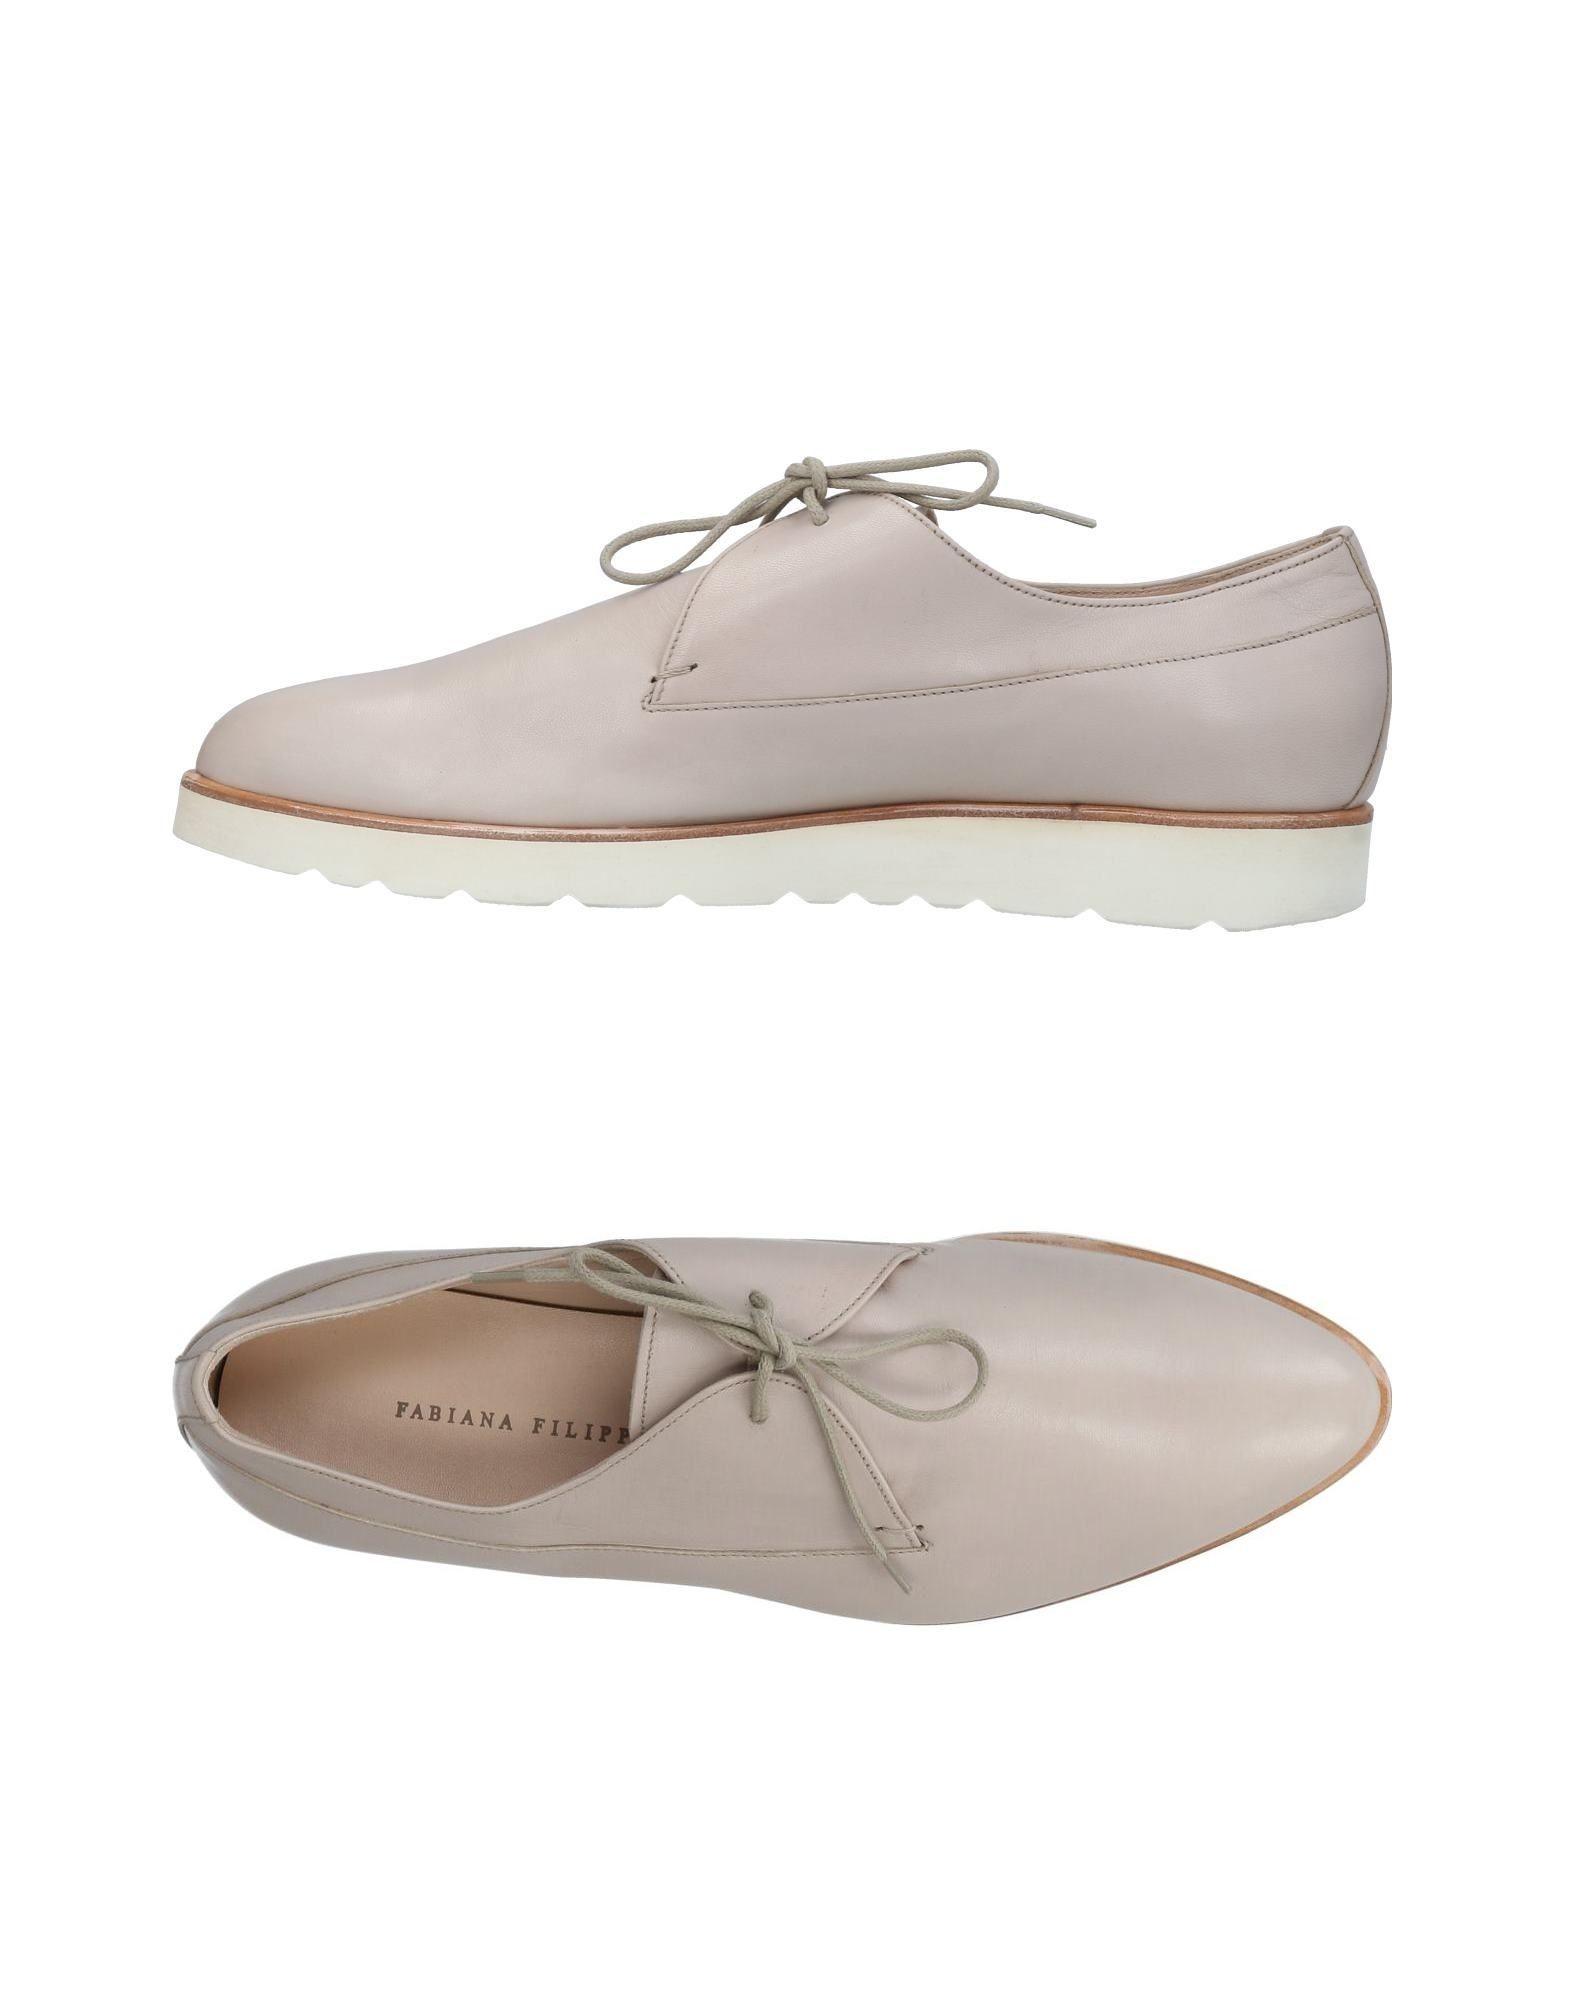 Fabiana Filippi Schnürschuhe Damen  11443822RK Gute Qualität beliebte Schuhe